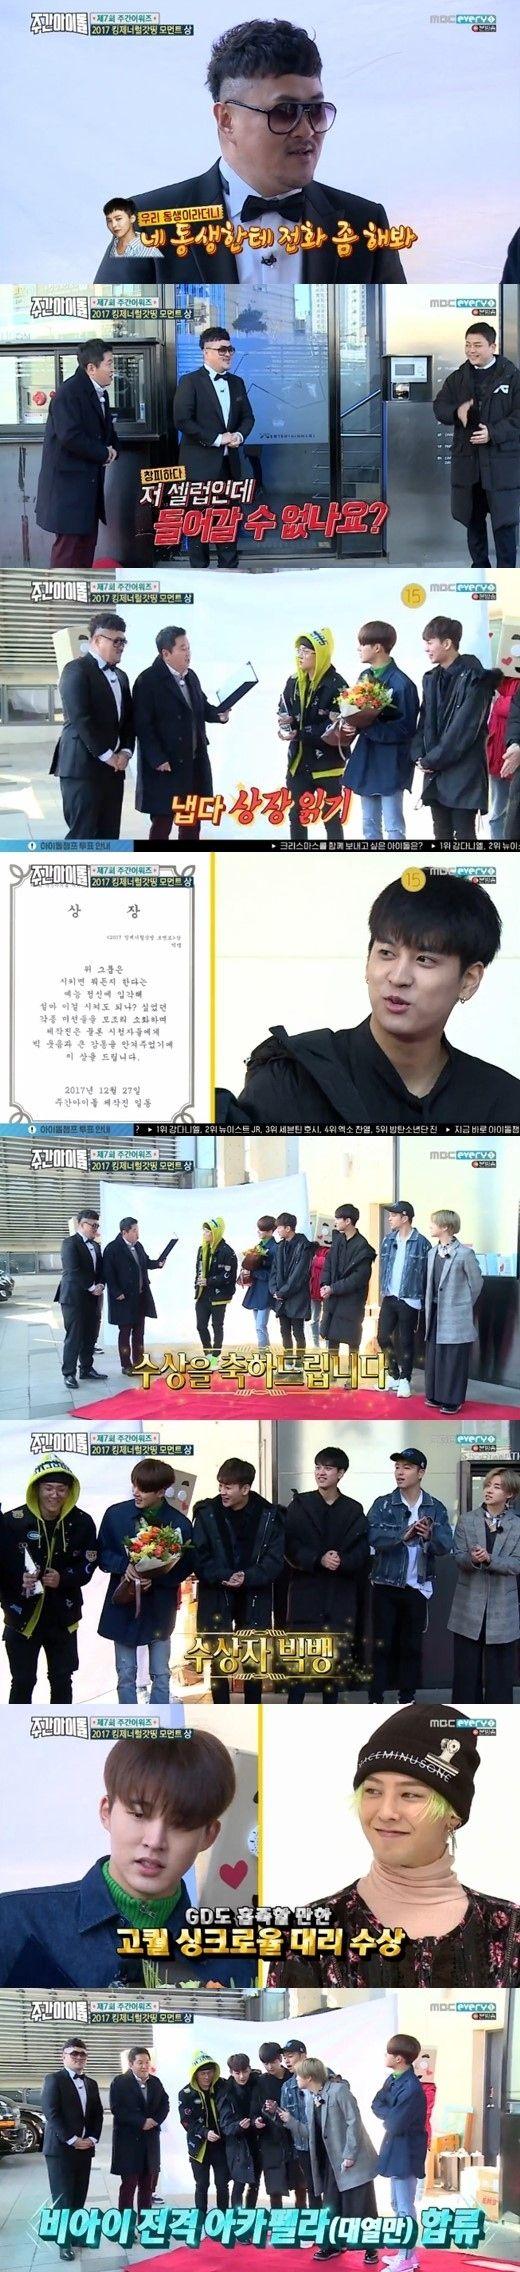 【BIGBANG NEWS】BIGBANG「週刊アイドル」で名場面賞を受賞…iKONが代理受賞&アカペラを披露(動画あり)